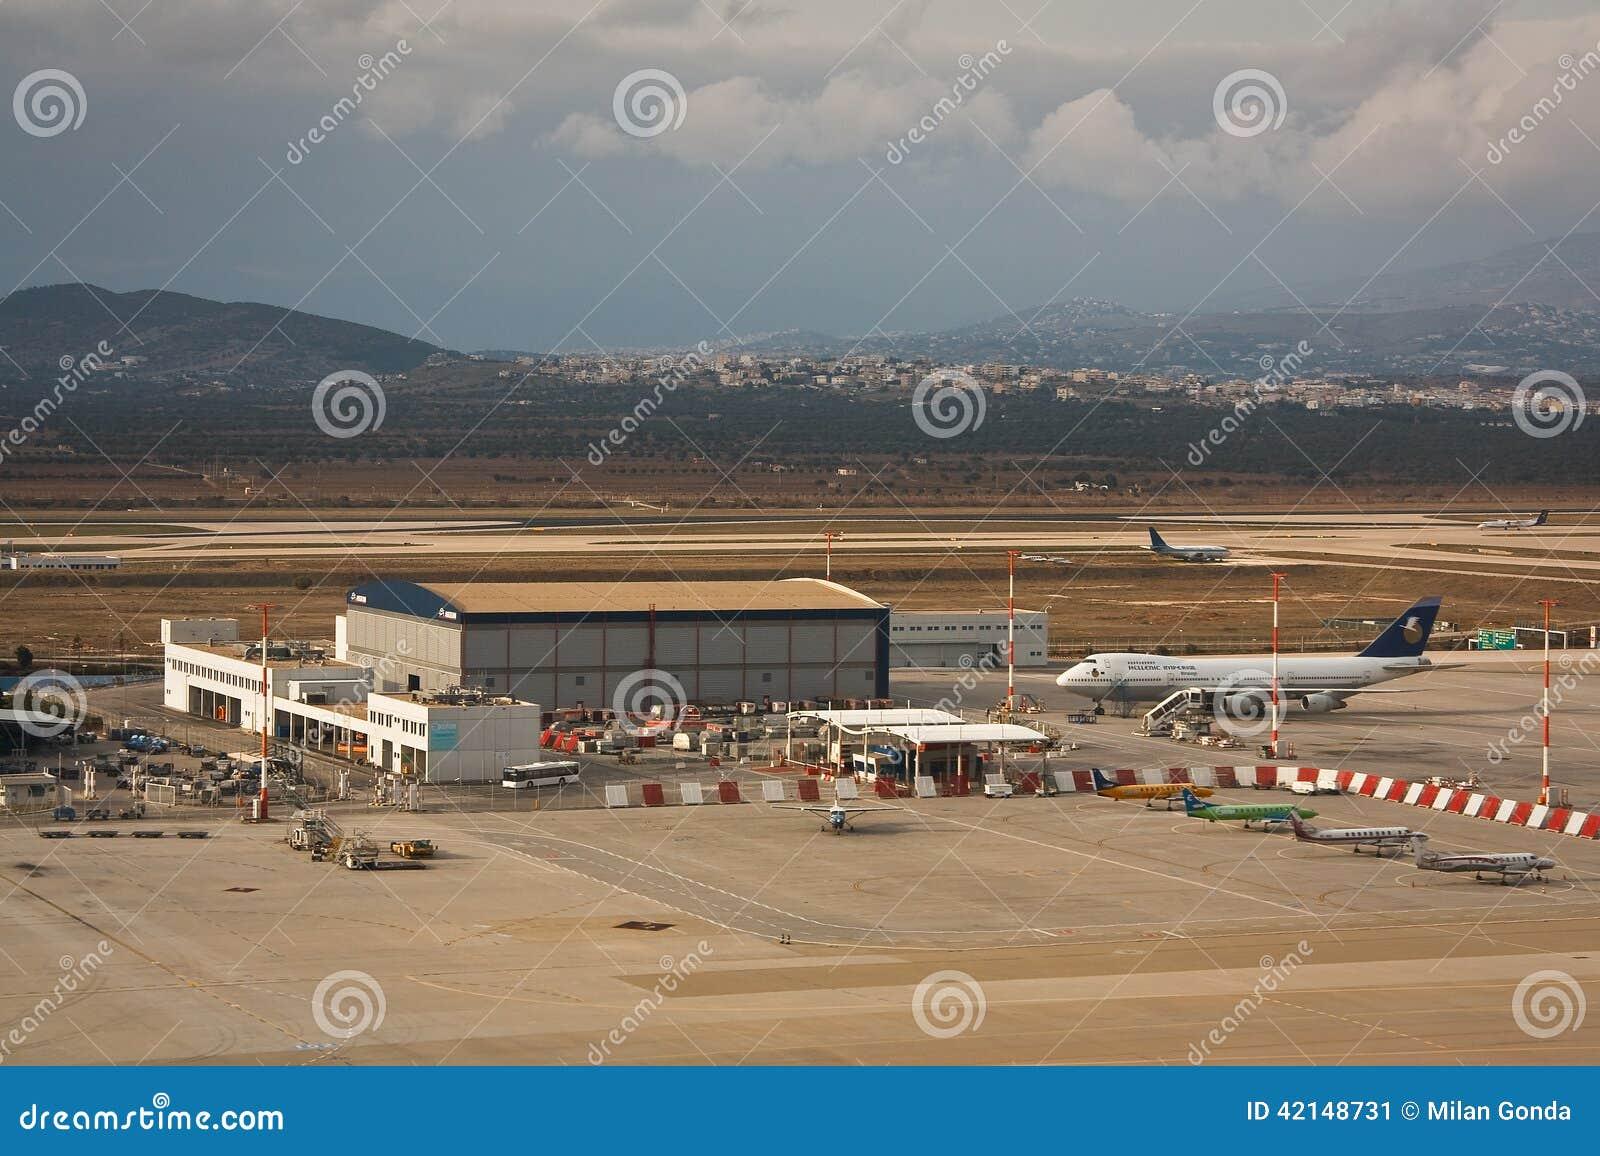 Aeroporto Atene : Aeroporto a atene grecia fotografia editoriale immagine